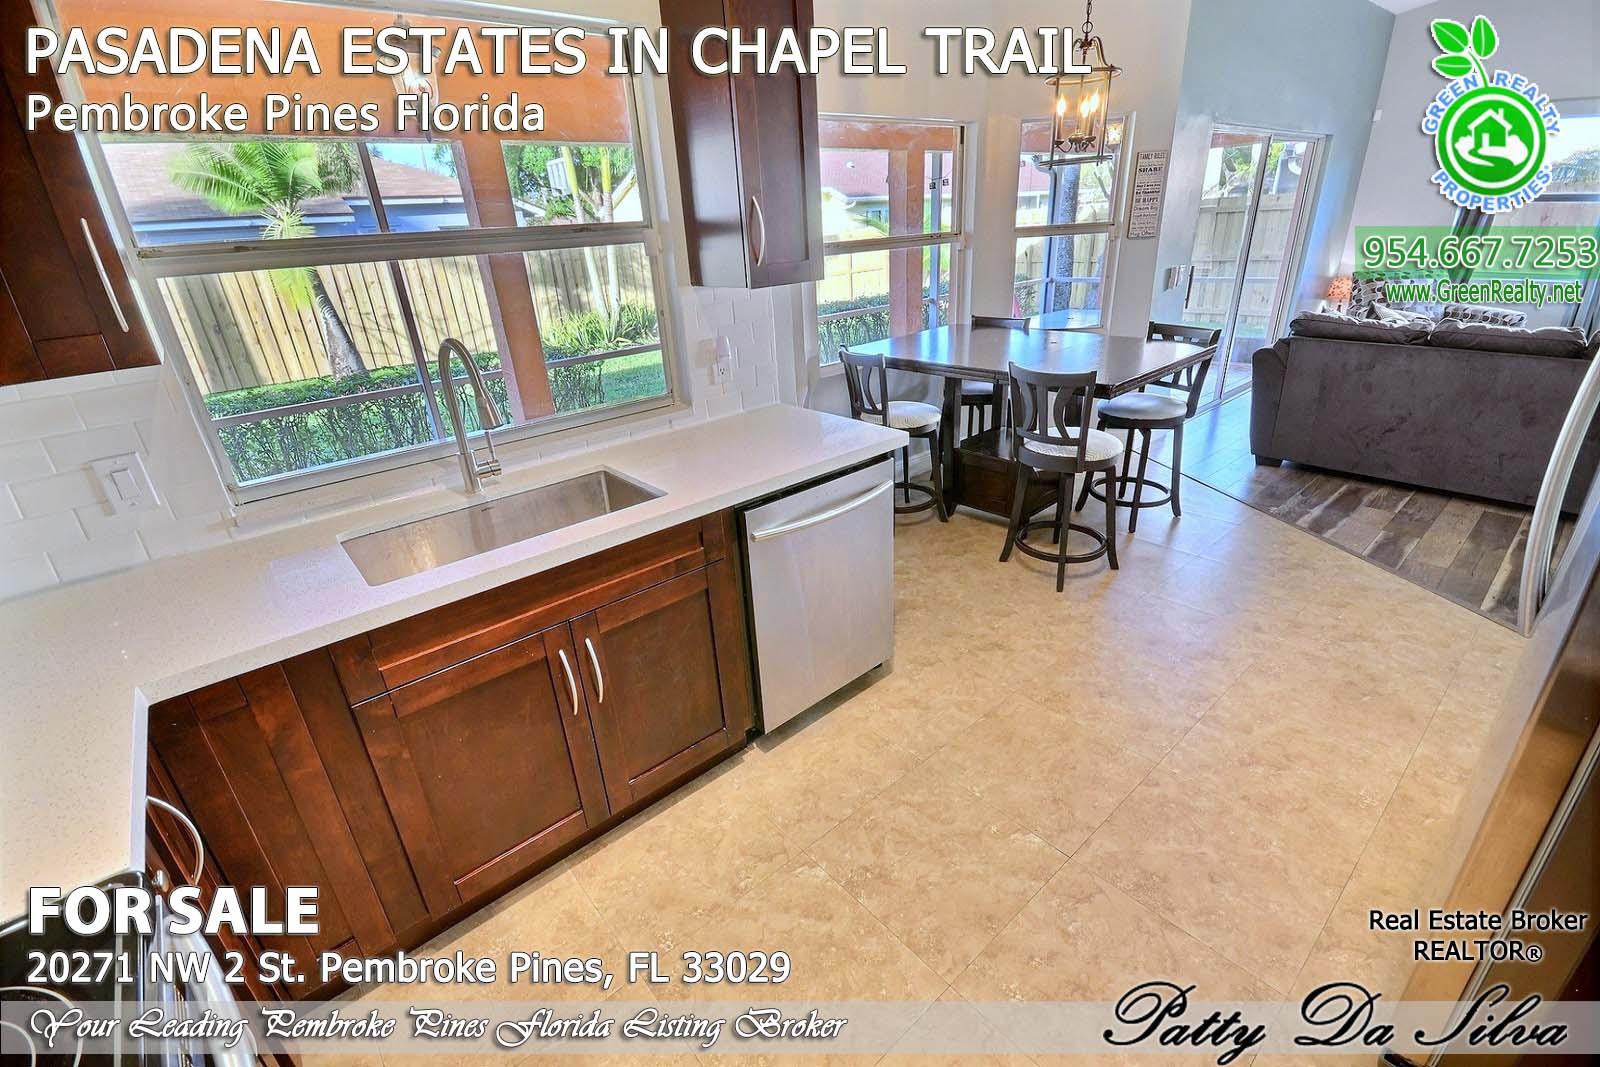 Pasadena Estates of Chapel Trail - Pembroke Pines FL (30)